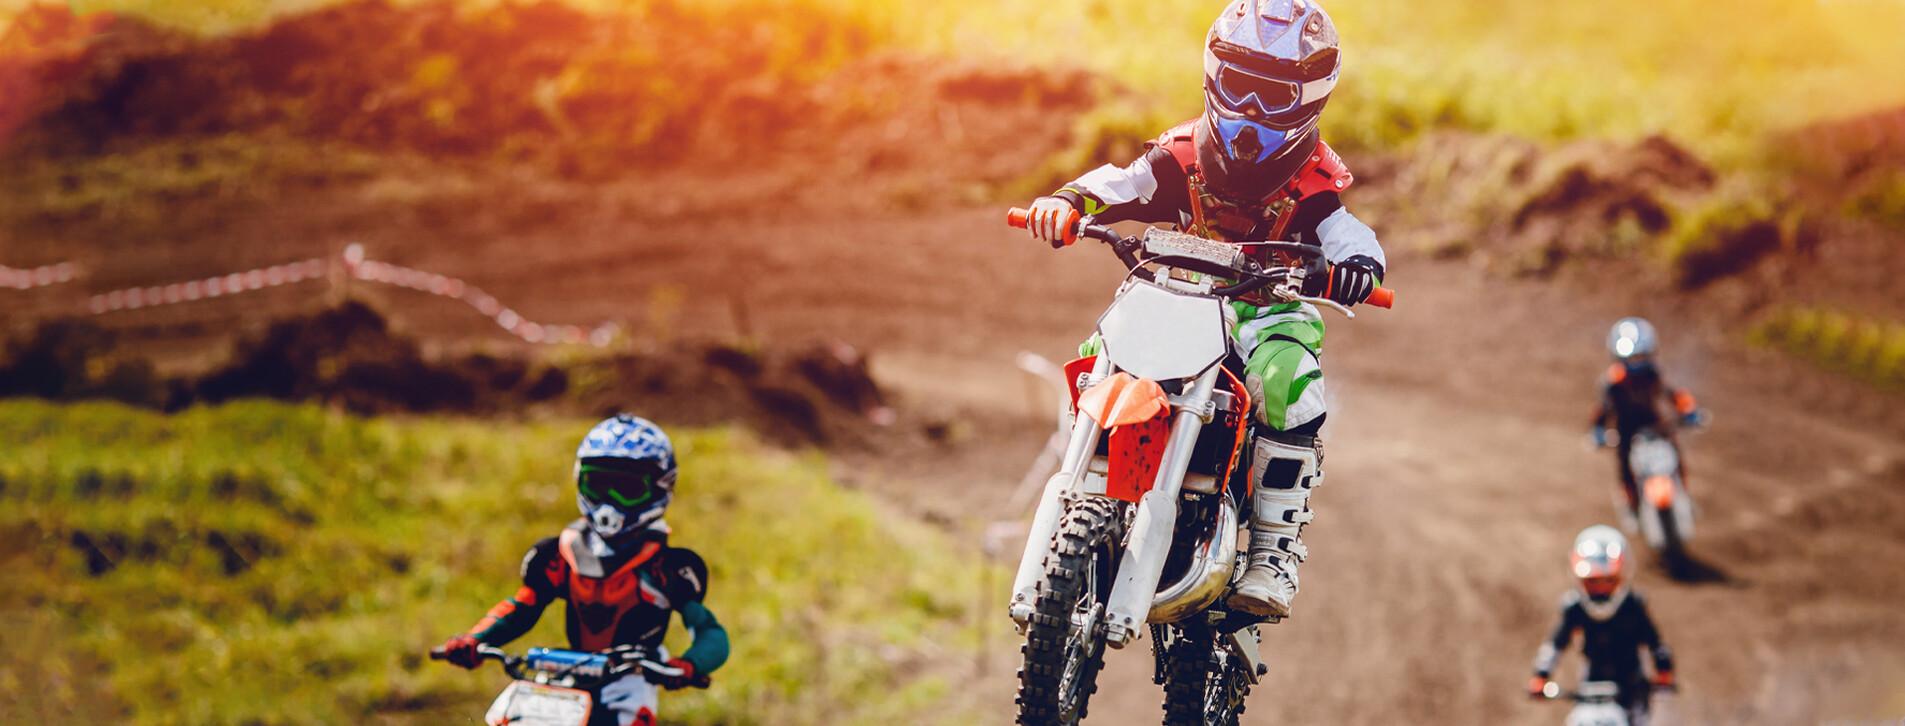 Фото 1 - Детский мастер-класс езды на мотоцикле для компании